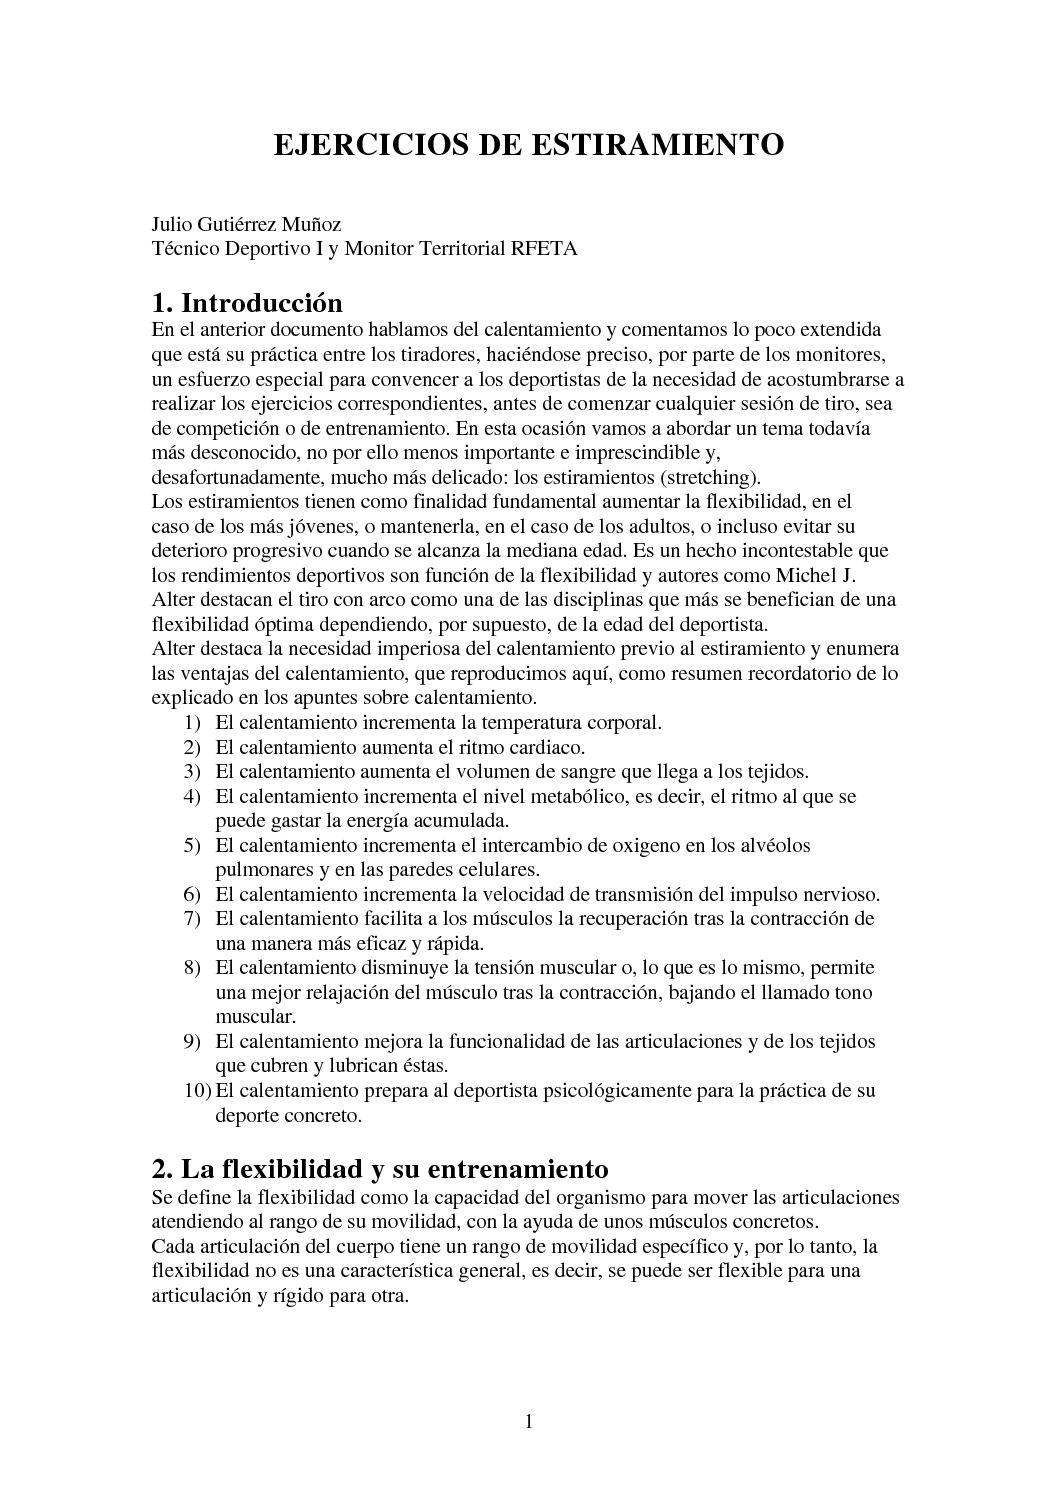 Calaméo - EJERCICIOS DE ESTIRAMIENTO 3b21e979c57b